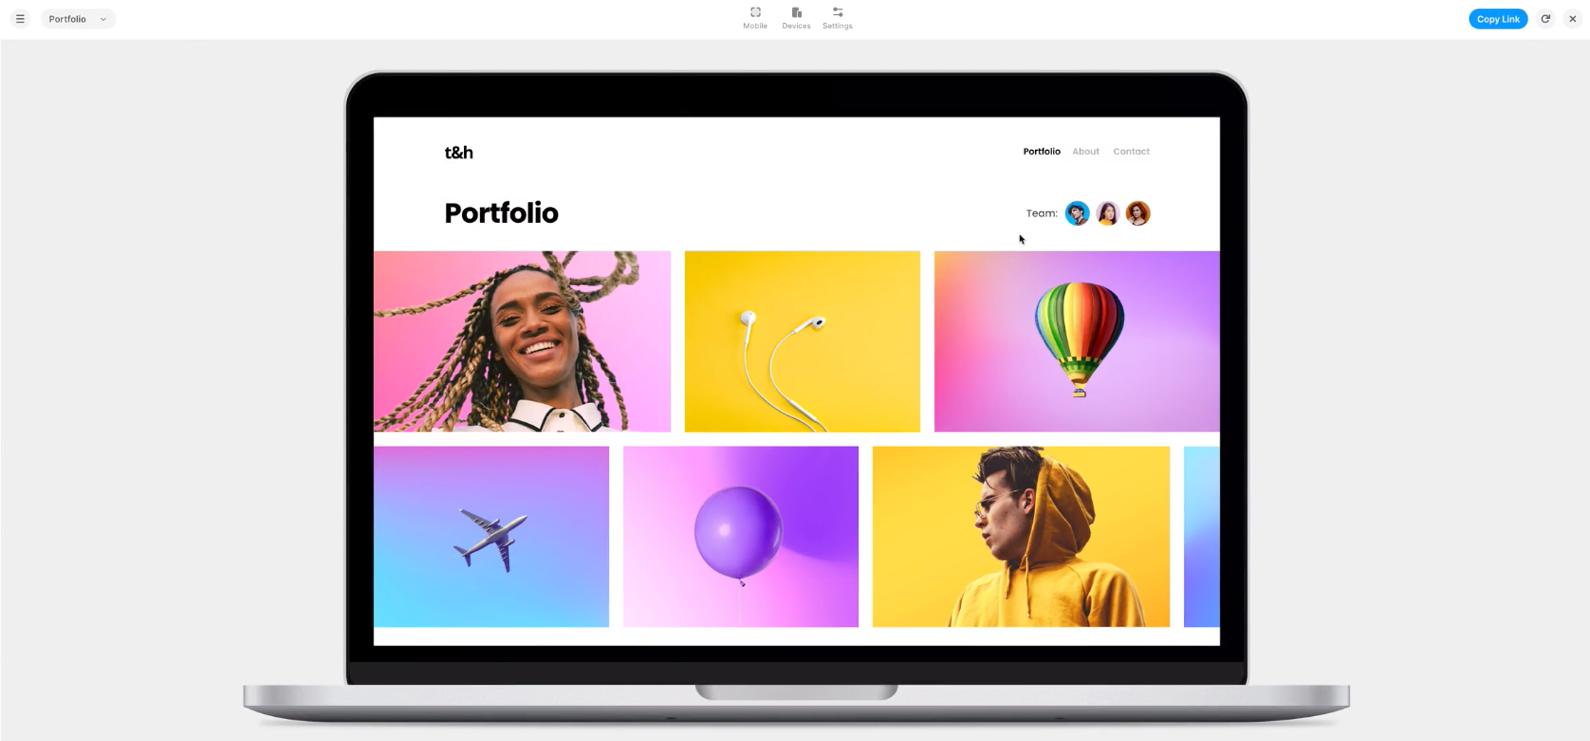 framer herramientas prototipado web